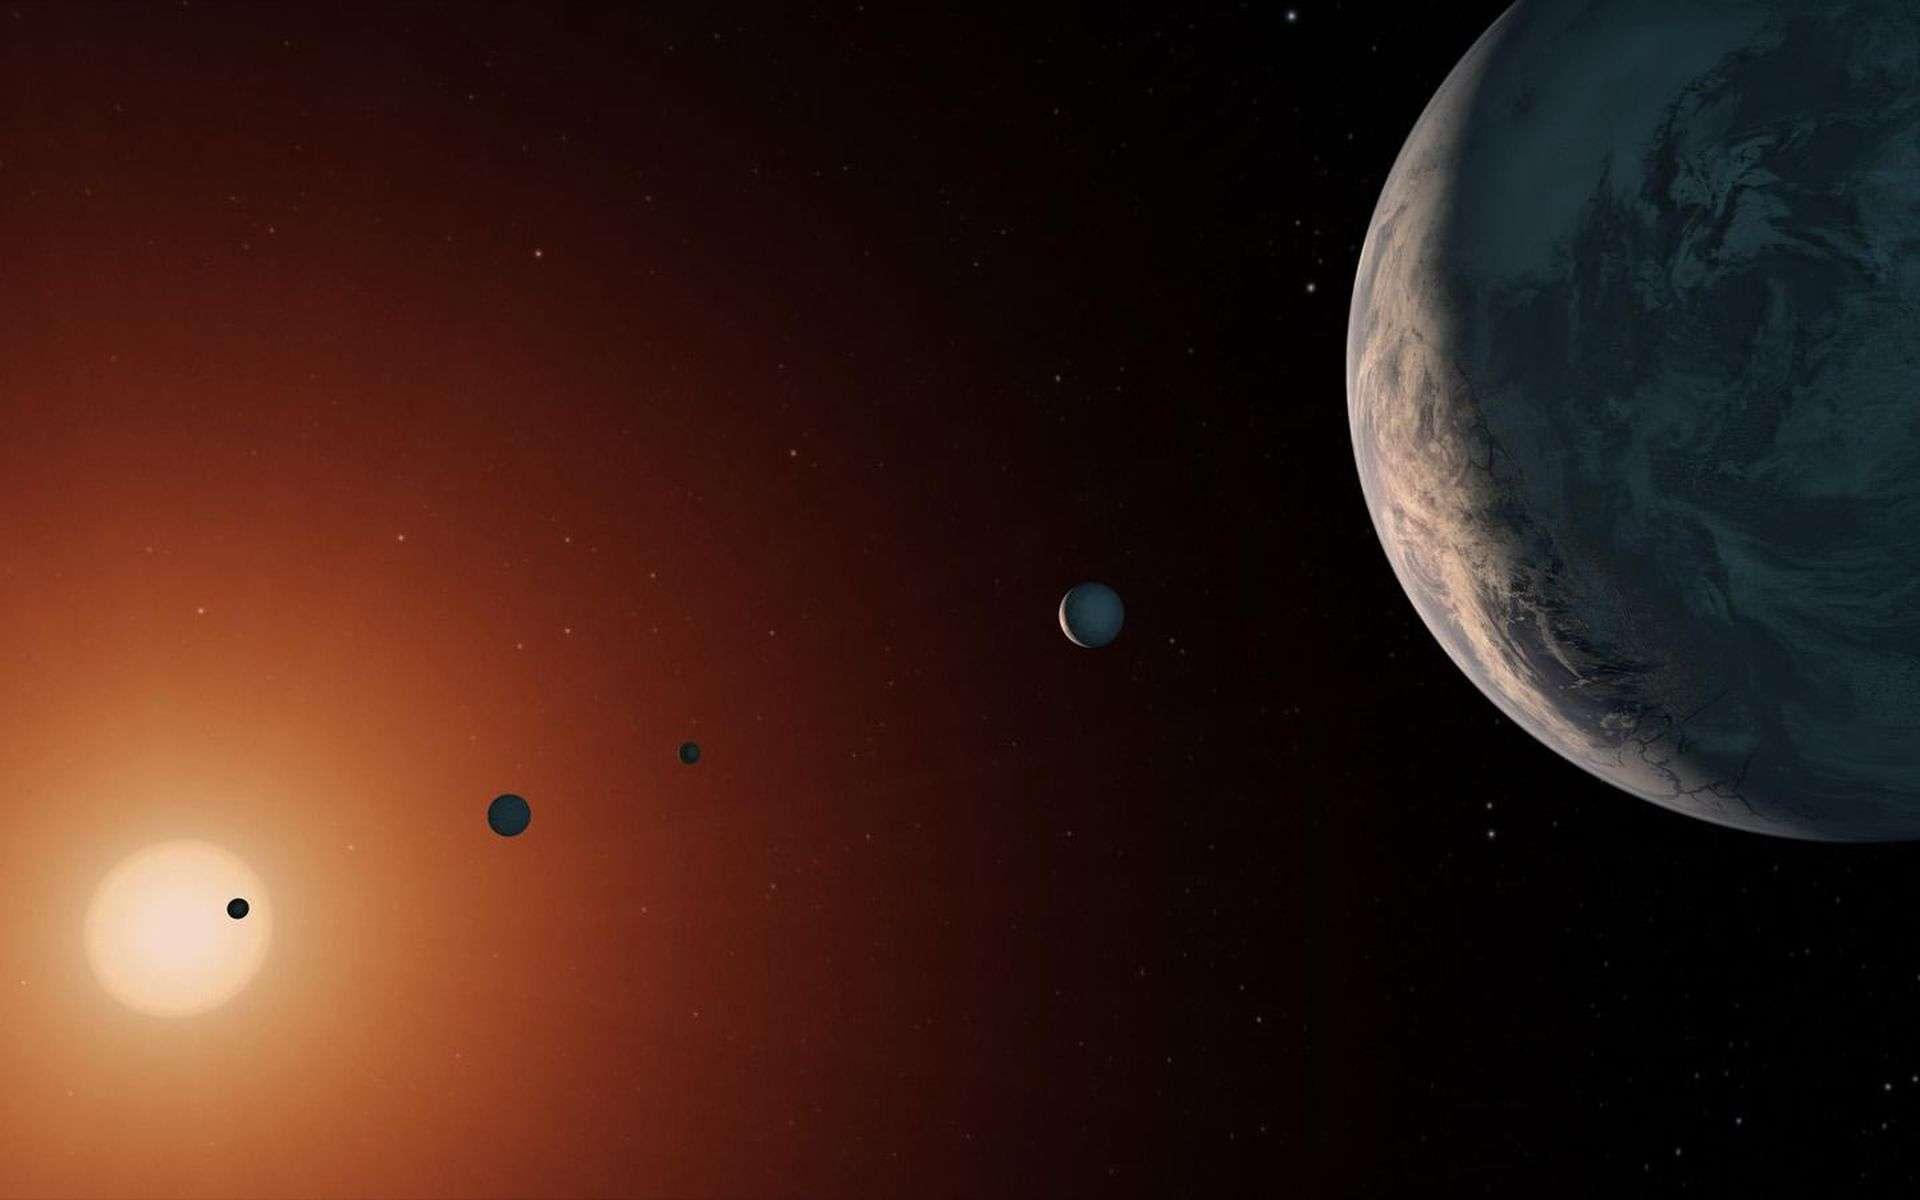 L'étoile Trappist-1 est-elle trop vieille pour abriter de la vie ? Ici, illustration du système de Trappist-1. Sept planètes rocheuses gravitent autour de cette naine rouge. Trois d'entre elles sont dans la zone habitable. © Nasa, JPL-Caltech